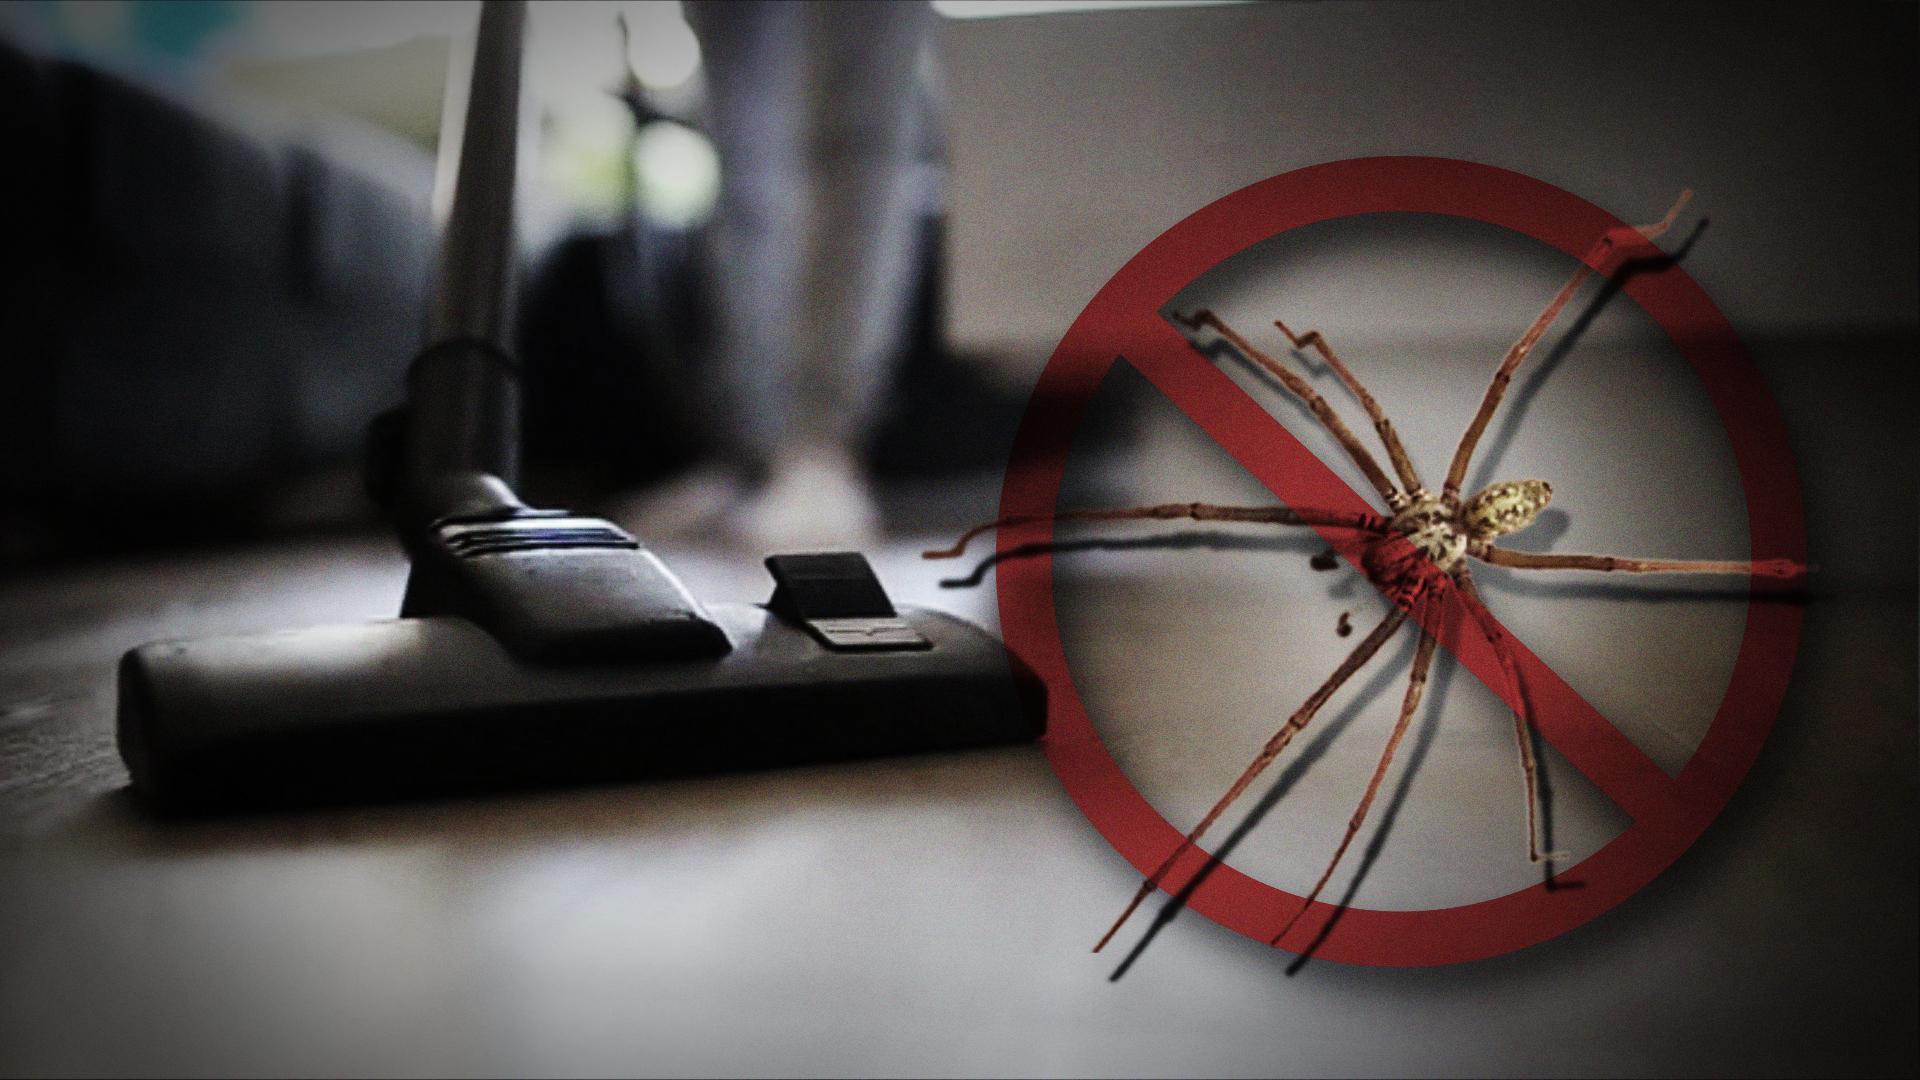 Spinne mit Staubsauger aufsaugen: Das passiert wirklich